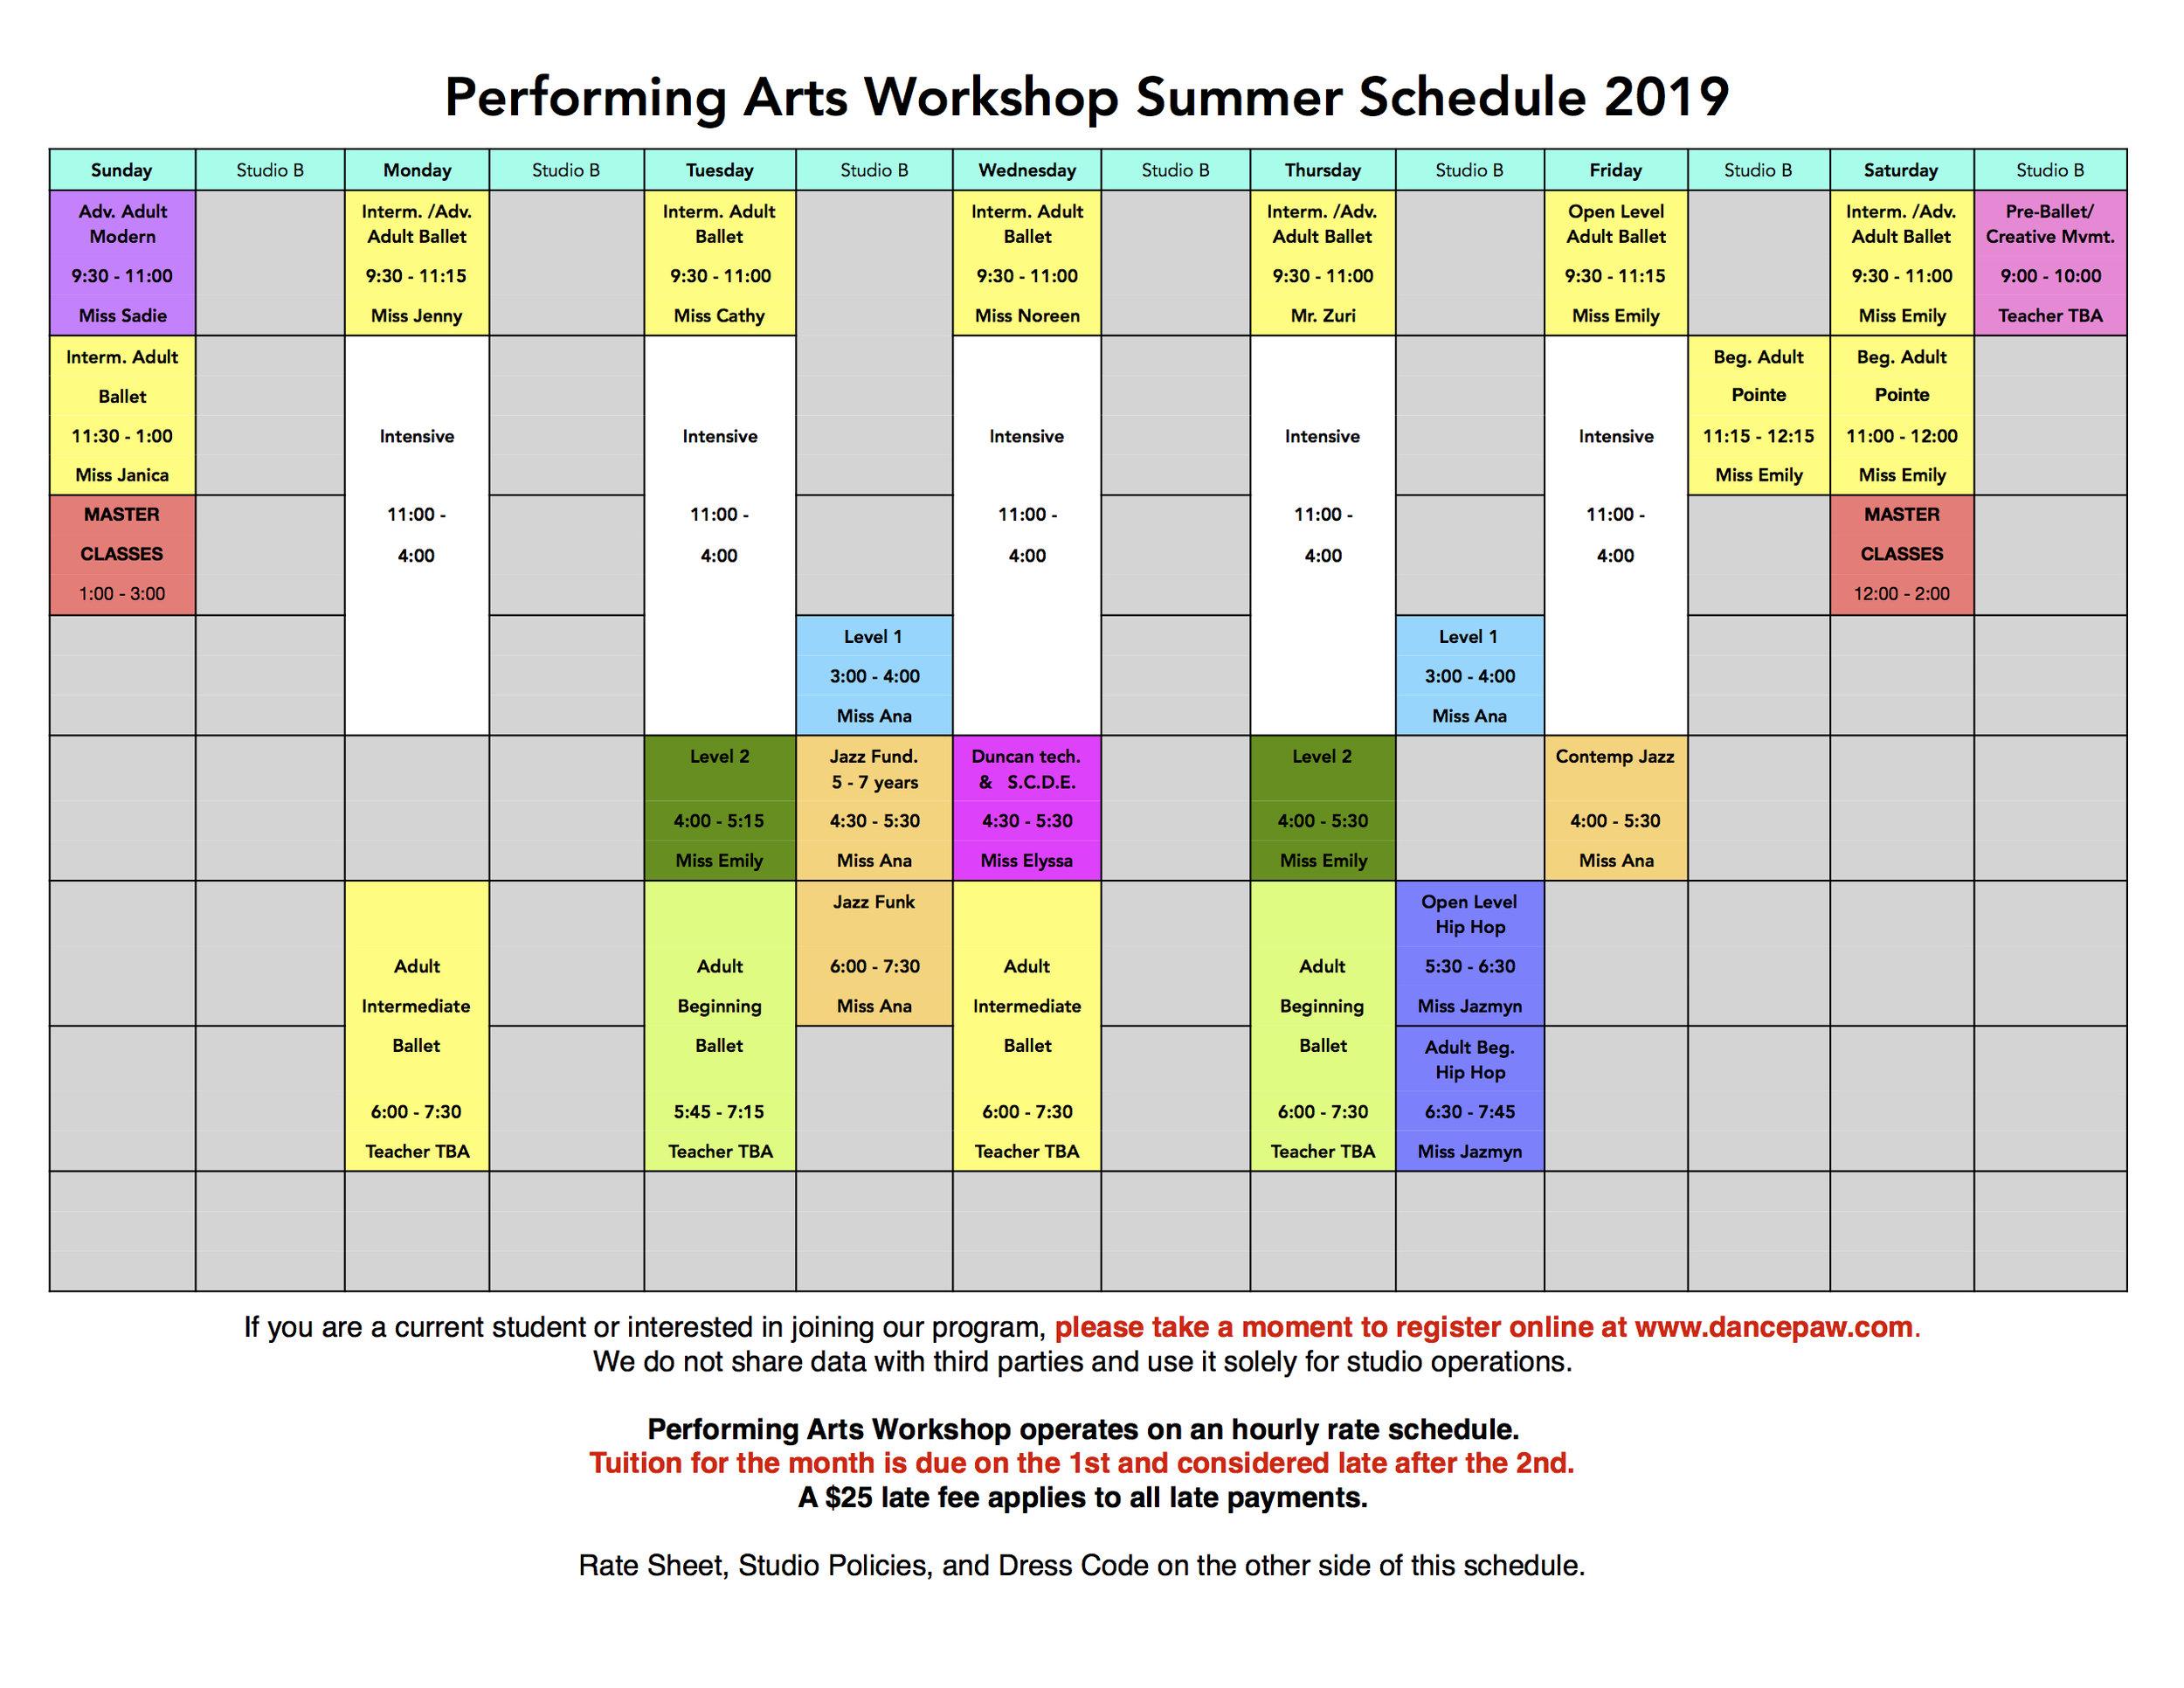 Performing Arts Workshop Summer Schedule 2019 FINAL TRUE.jpg